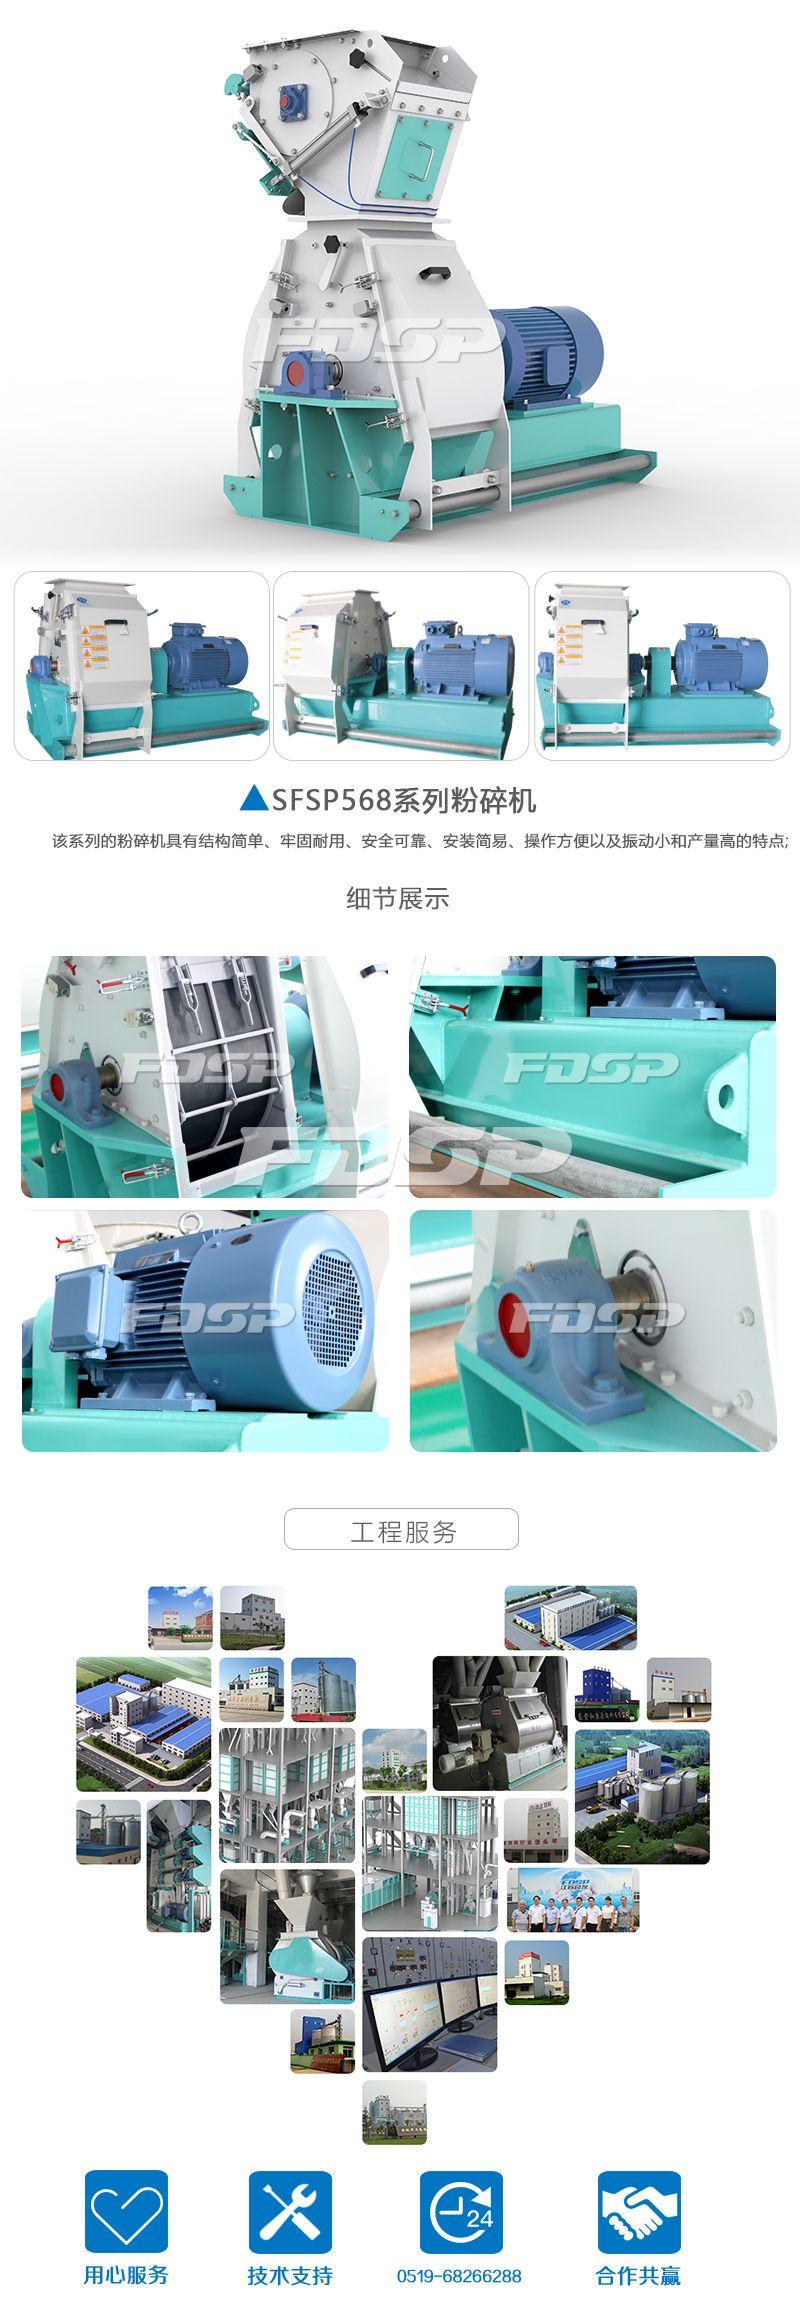 Trituradora de gota de agua serie SFSP568